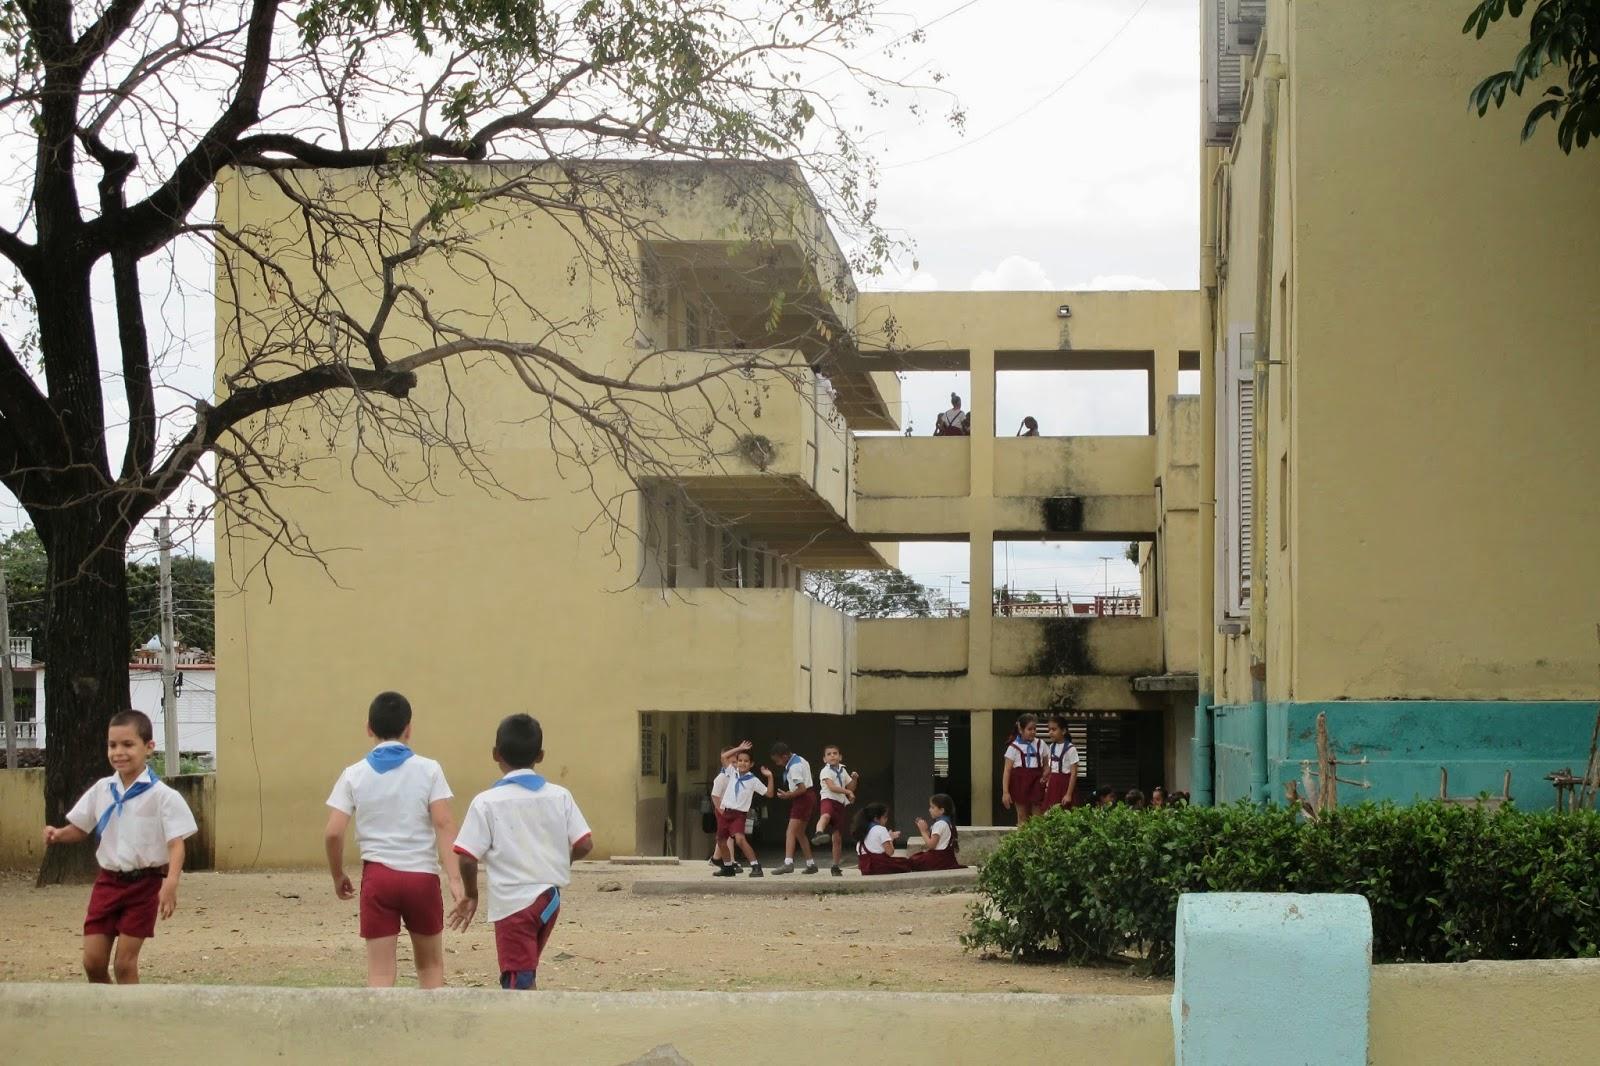 Escolas, cena comum em Sanctu Spiritus e em toda Cuba